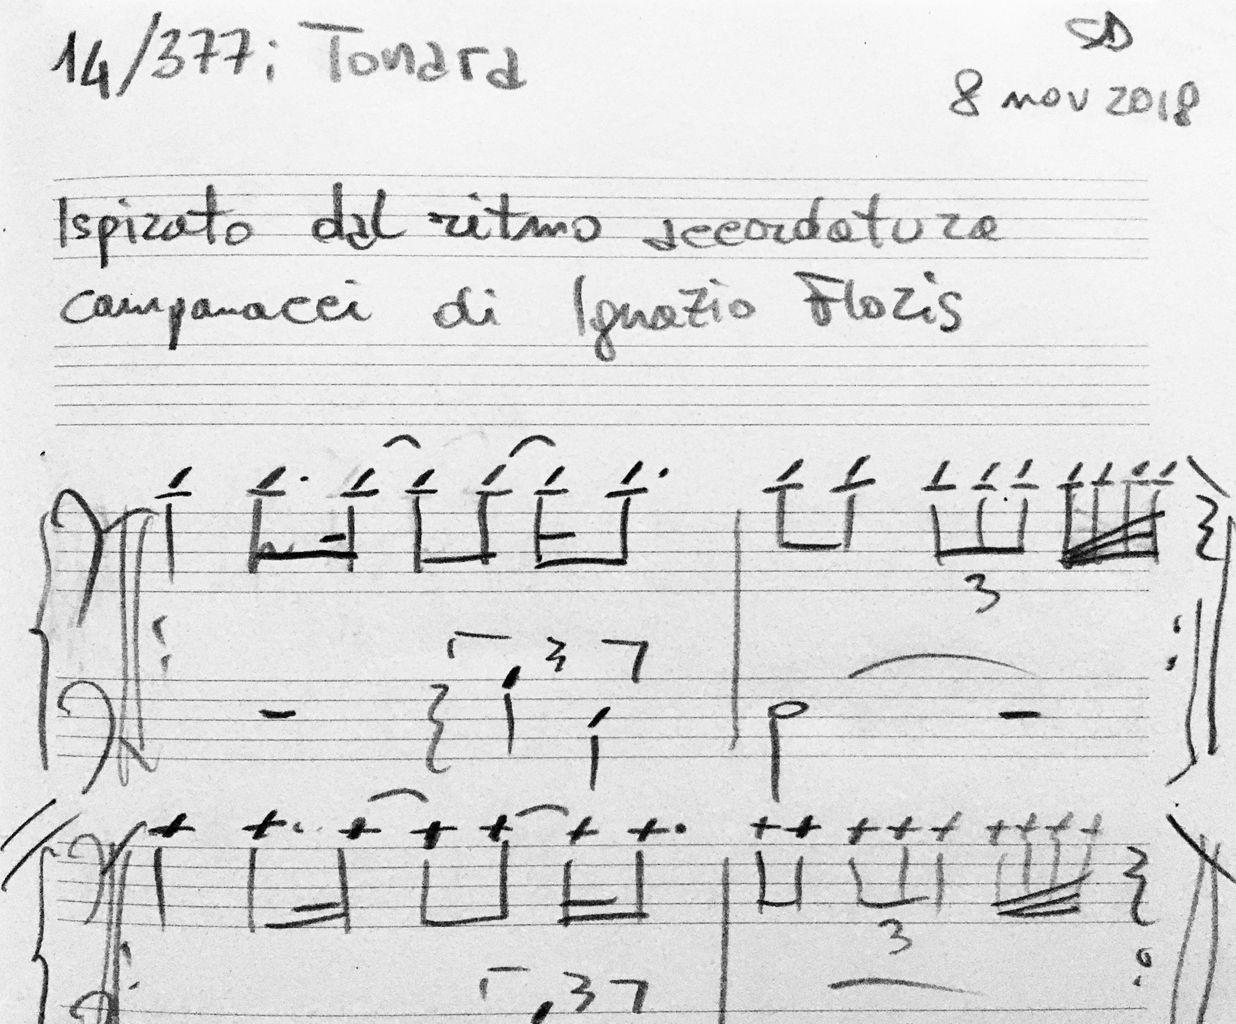 014-Tonara-score